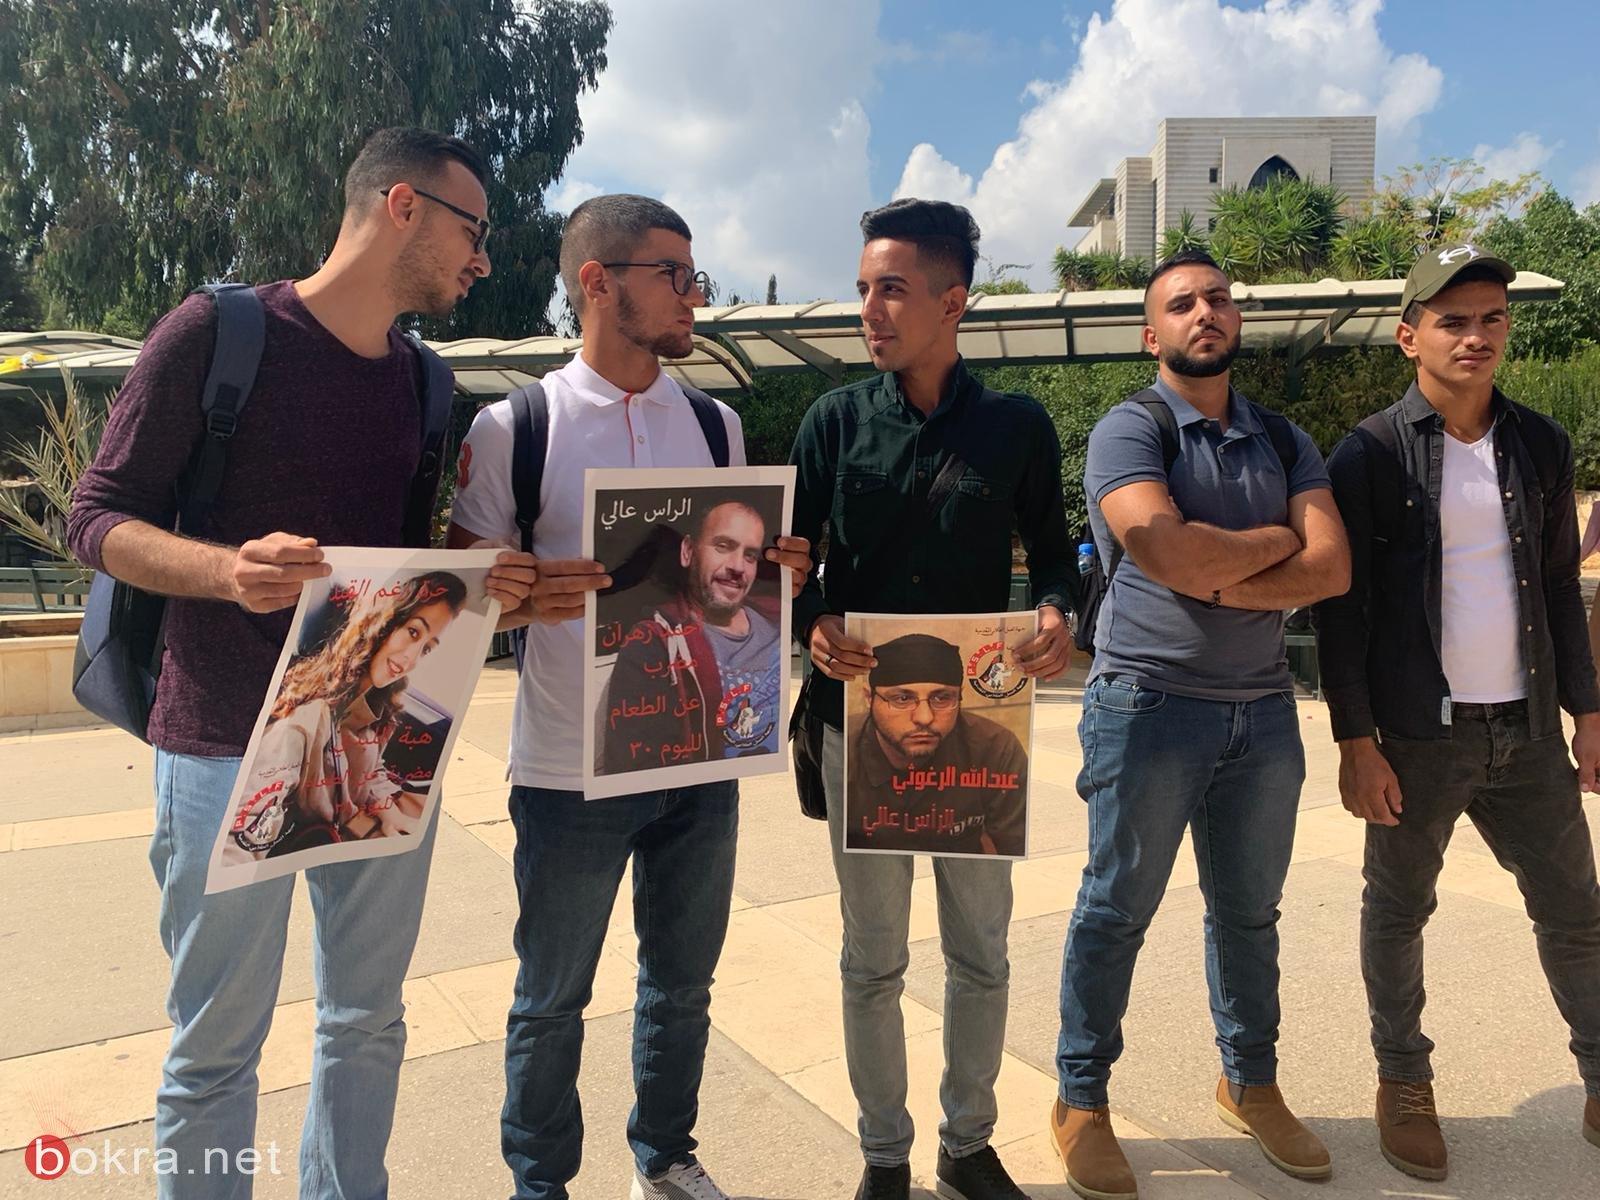 الجامعة العربية - الامريكية: تظاهرة تضامنية مع الاسرى لجبهة العمل